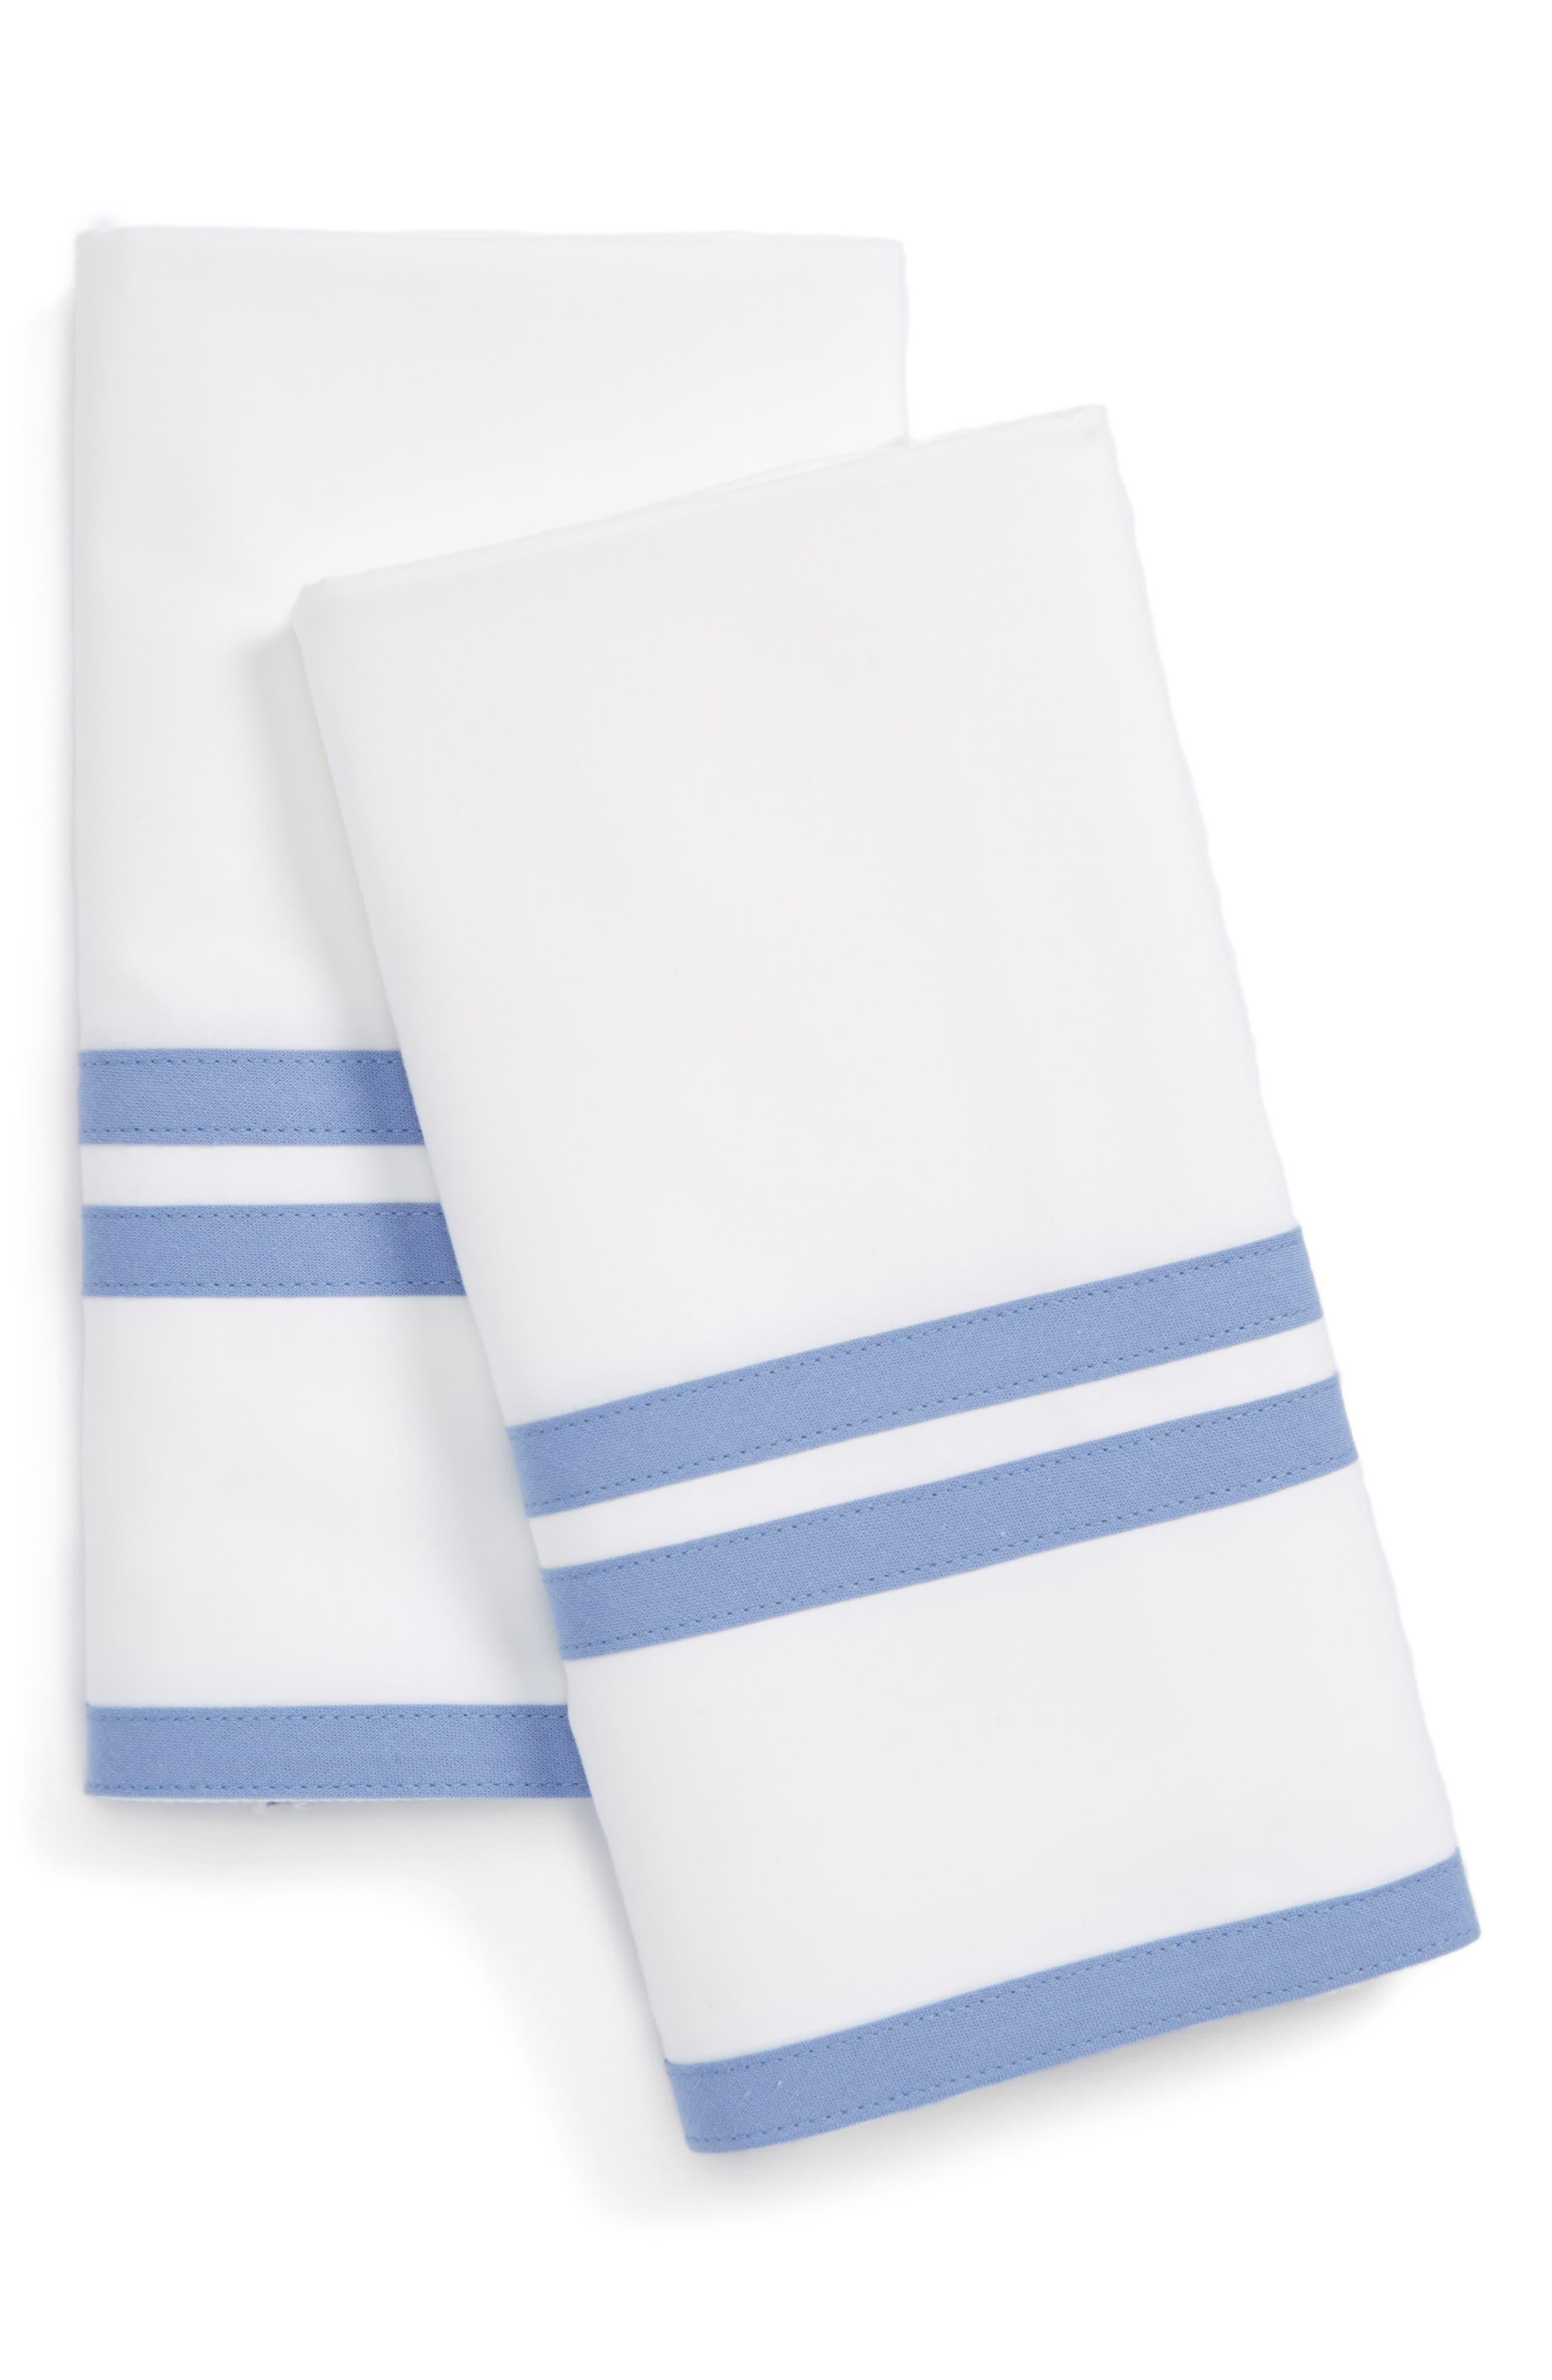 Alternate Image 1 Selected - Matouk Meridian Pillowcases